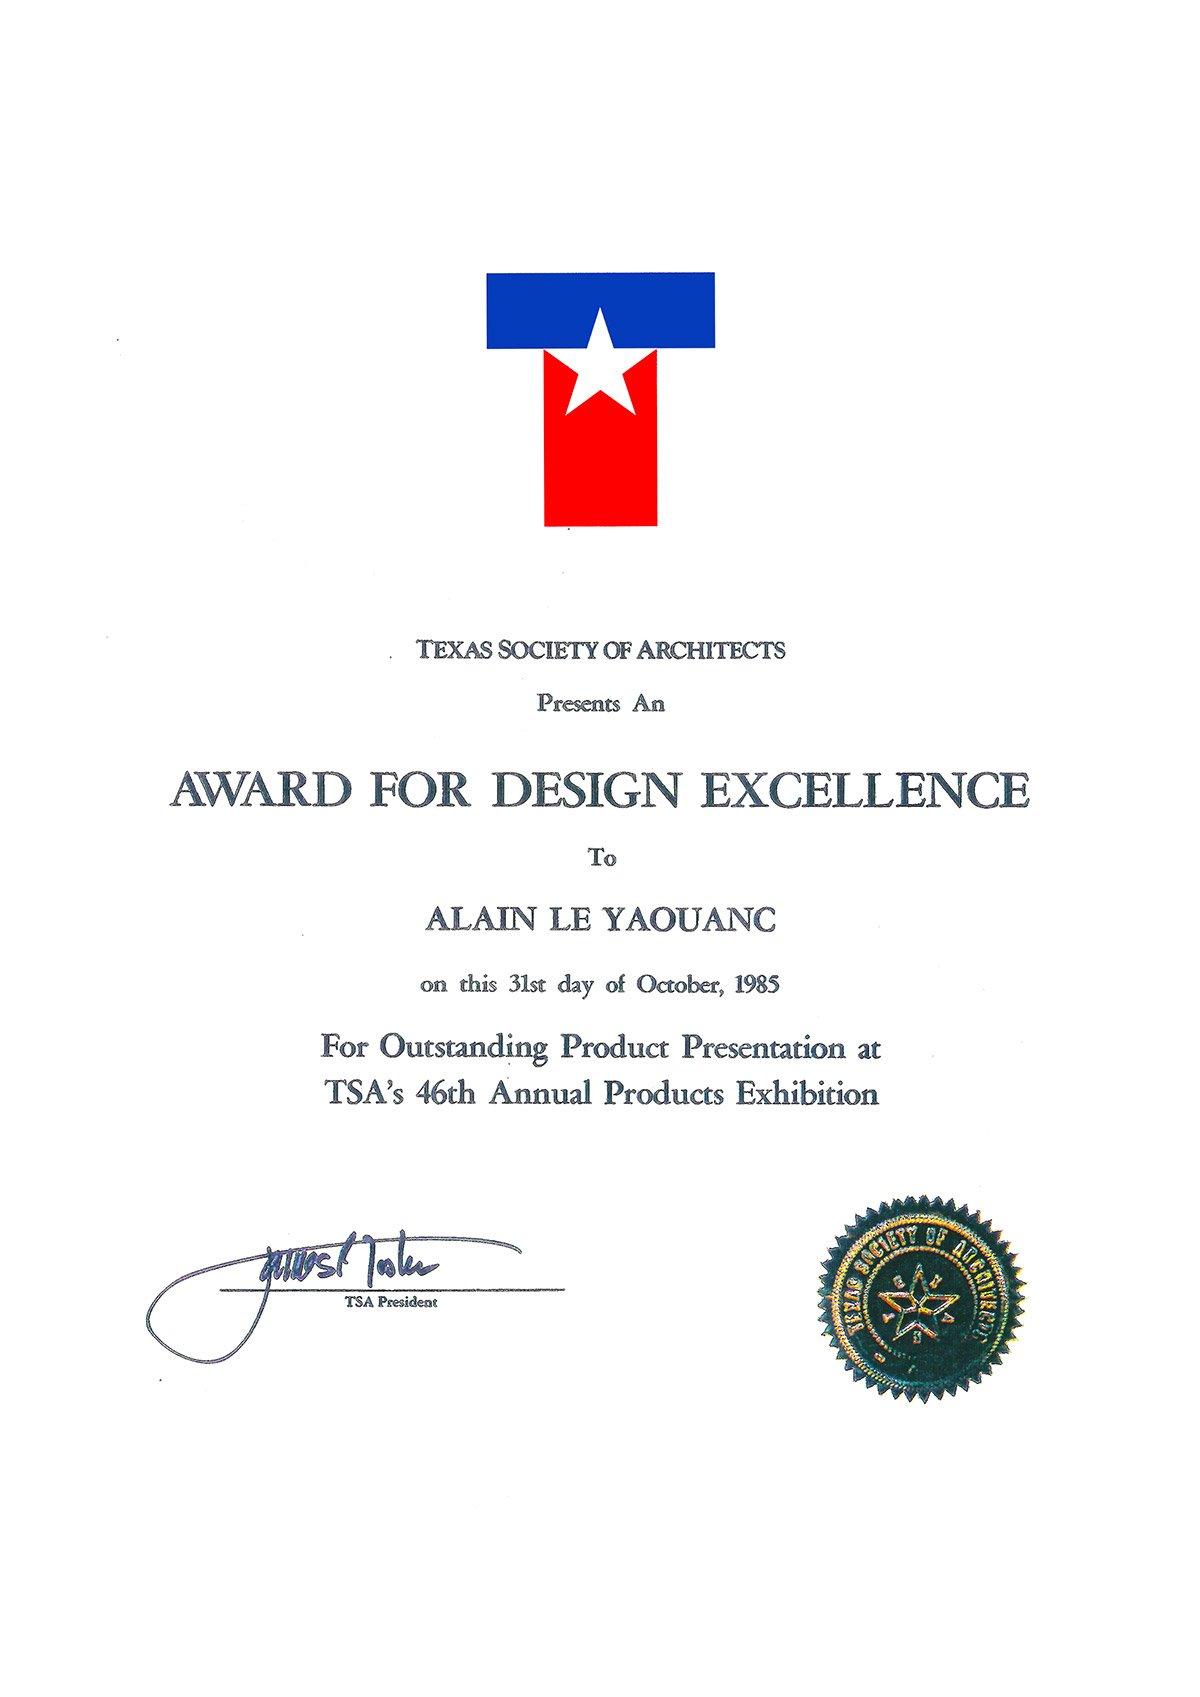 Diplôme d'excellence de la part de la Texas Society of Architects.